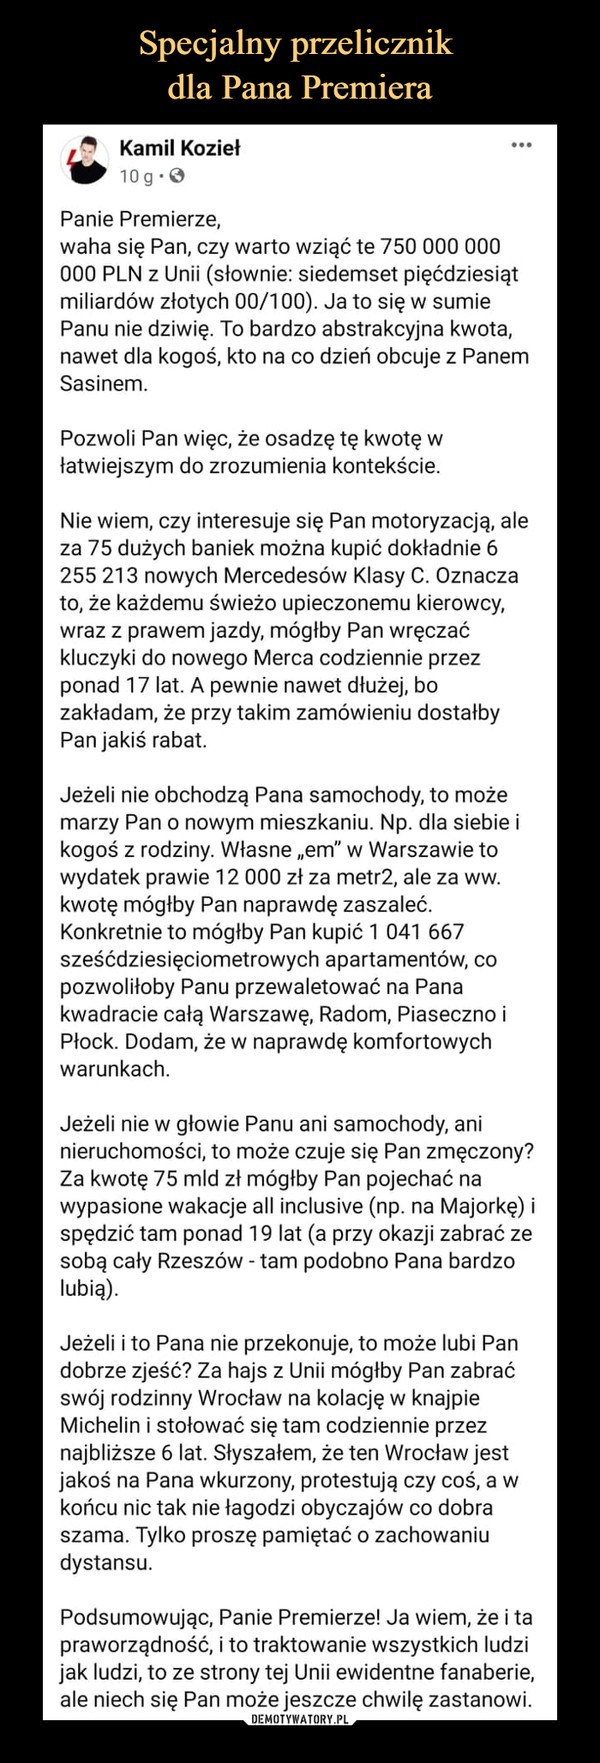 """–  ** Kamil KoziełW lOg-OPanie Premierze.waha się Pan, czy warto wziąć te 750 000 000000 PLN z Unii (słownie: siedemset pięćdziesiątmiliardów złotych 00/100). Ja to się w sumiePanu nie dziwię. To bardzo abstrakcyjna kwota,nawet dla kogoś, kto na co dzień obcuje z PanemSasinem.Pozwoli Pan więc, że osadzę tę kwotę włatwiejszym do zrozumienia kontekście.Nie wiem, czy interesuje się Pan motoryzacją, aleza 75 dużych baniek można kupić dokładnie 6255 213 nowych Mercedesów Klasy C. Oznaczato, że każdemu świeżo upieczonemu kierowcy,wraz z prawem jazdy, mógłby Pan wręczaćkluczyki do nowego Merca codziennie przezponad 17 lat. A pewnie nawet dłużej, bozakładam, że przy takim zamówieniu dostałbyPan jakiś rabat.Jeżeli nie obchodzą Pana samochody, to możemarzy Pan o nowym mieszkaniu. Np. dla siebie ikogoś z rodziny. Własne """"em"""" w Warszawie towydatek prawie 12 000 zl za metr2, ale za ww.kwotę mógłby Pan naprawdę zaszaleć.Konkretnie to mógłby Pan kupić 1 041 667sześćdziesięciometrowych apartamentów, copozwoliłoby Panu przewaletować na Panakwadracie całą Warszawę, Radom, Piaseczno iPłock. Dodam, że w naprawdę komfortowychwarunkach.Jeżeli nie w głowie Panu ani samochody, aninieruchomości, to może czuje się Pan zmęczony?Za kwotę 75 m!d zł mógłby Pan pojechać nawypasione wakacje all inclusive {np. na Majorkę) ispędzić tam ponad 19 lat (a przy okazji zabrać zesobą cały Rzeszów - tam podobno Pana bardzolubią).Jeżeli i to Pana nie przekonuje, to może lubi Pandobrze zjeść? Za hajs z Unii mógłby Pan zabraćswój rodzinny Wrocław na kolację w knajpieMichelin i stołować się tam codziennie przeznajbliższe 6 lat. Słyszałem, że ten Wrocław jestjakoś na Pana wkurzony, protestują czy coś, a wkońcu nic tak nie łagodzi obyczajów co dobraszama. Tylko proszę pamiętać o zachowaniudystansu.Podsumowując, Panie Premierze! Ja wiem, że i tapraworządność, i to traktowanie wszystkich ludzijak ludzi, to ze strony tej Unii ewidentne fanaberie,ale niech się Pan może jeszcze chwilę zastanowi."""